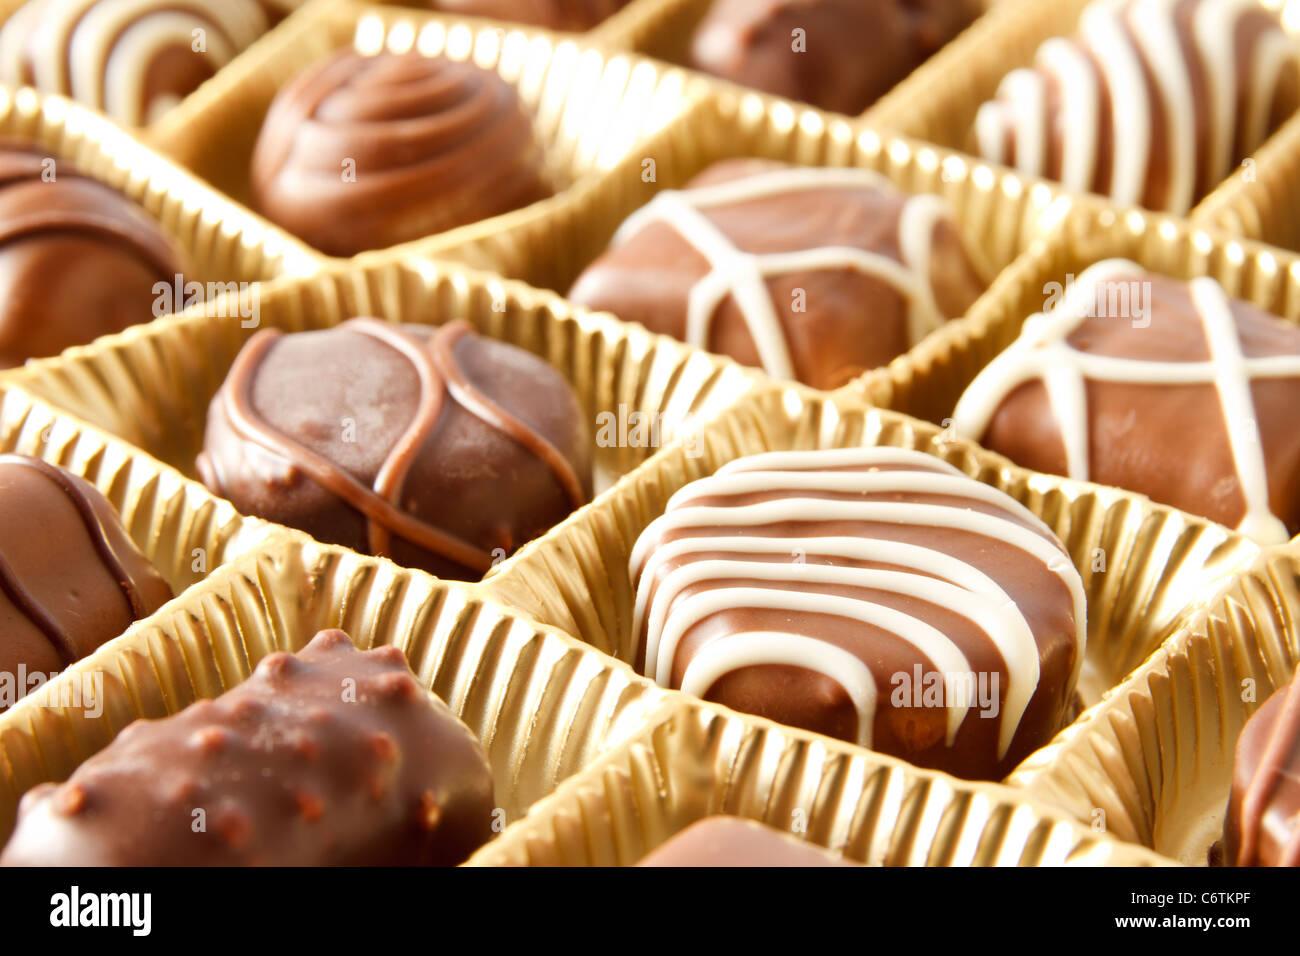 Cioccolato Scatola caramella close up Immagini Stock